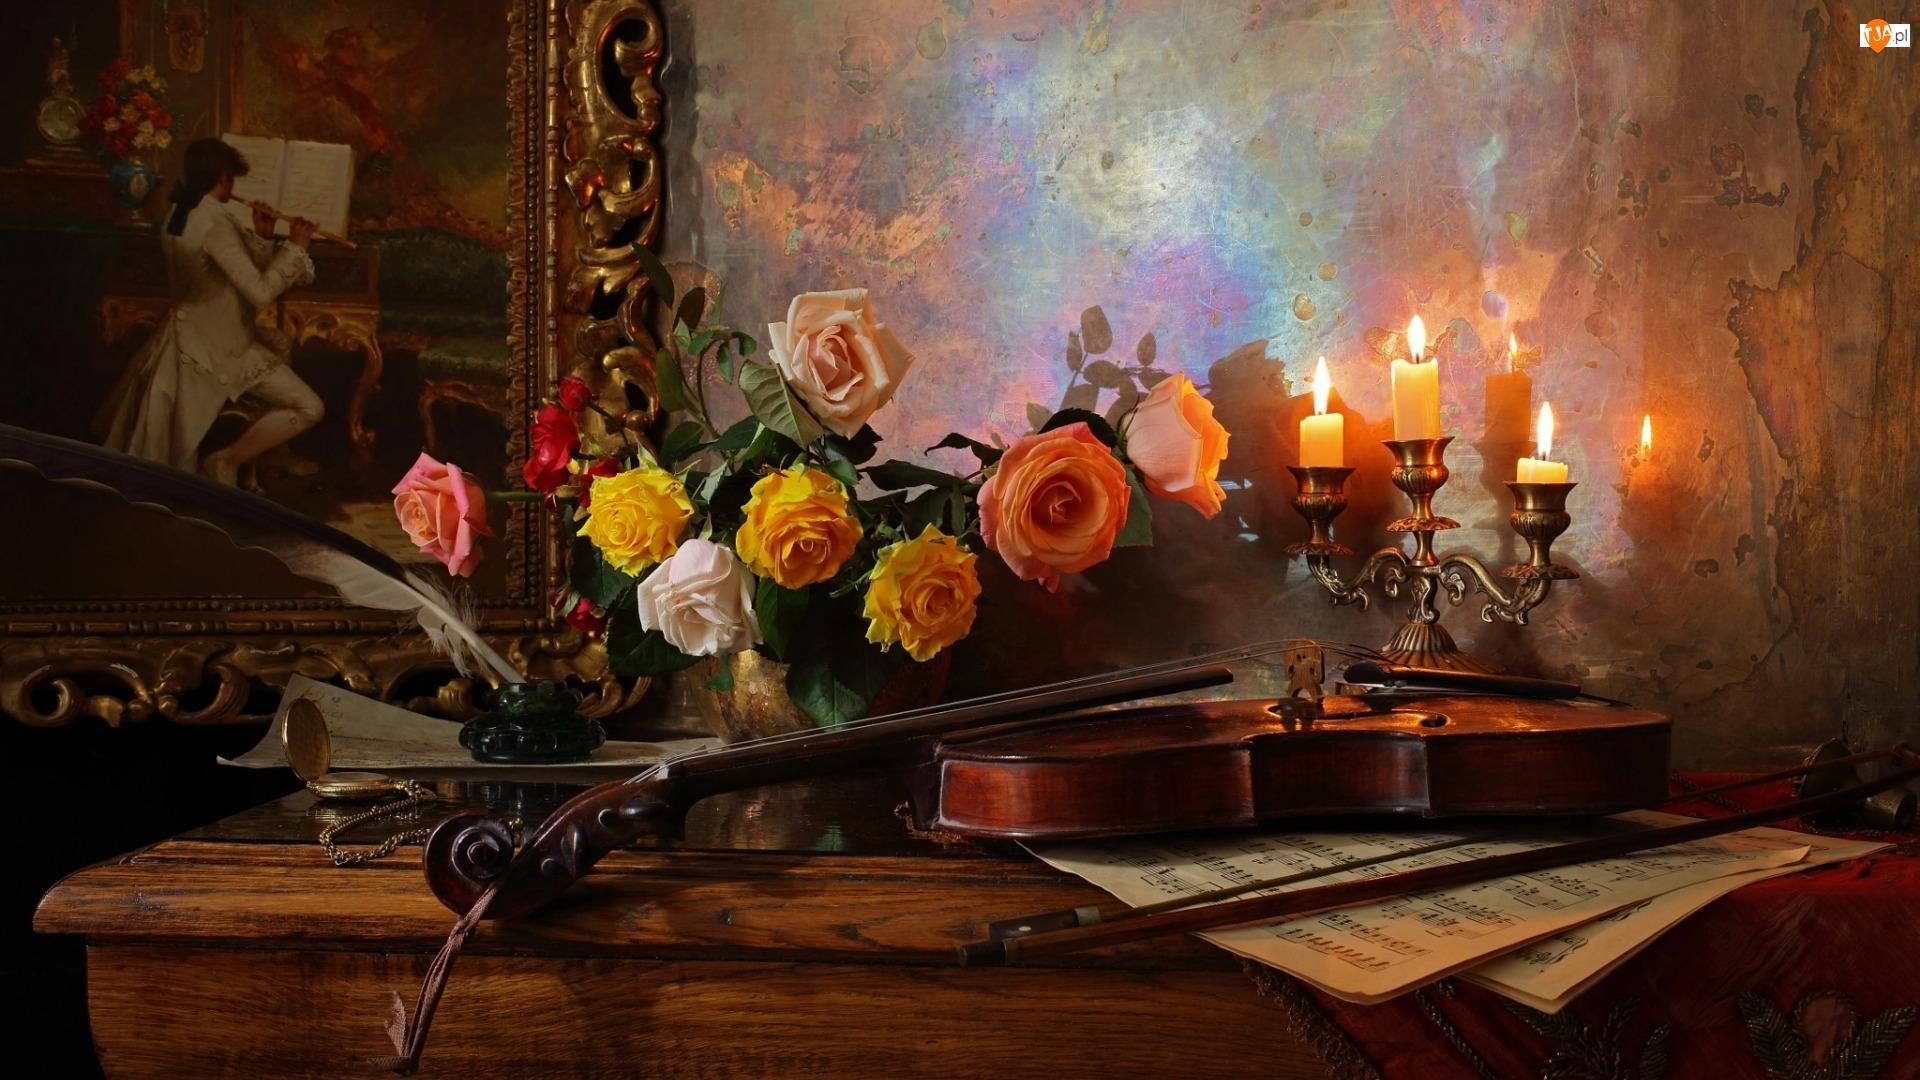 Obraz, Skrzypce, Bukiet, Świecznik, Kompozycja, Świece, Róże, Nuty